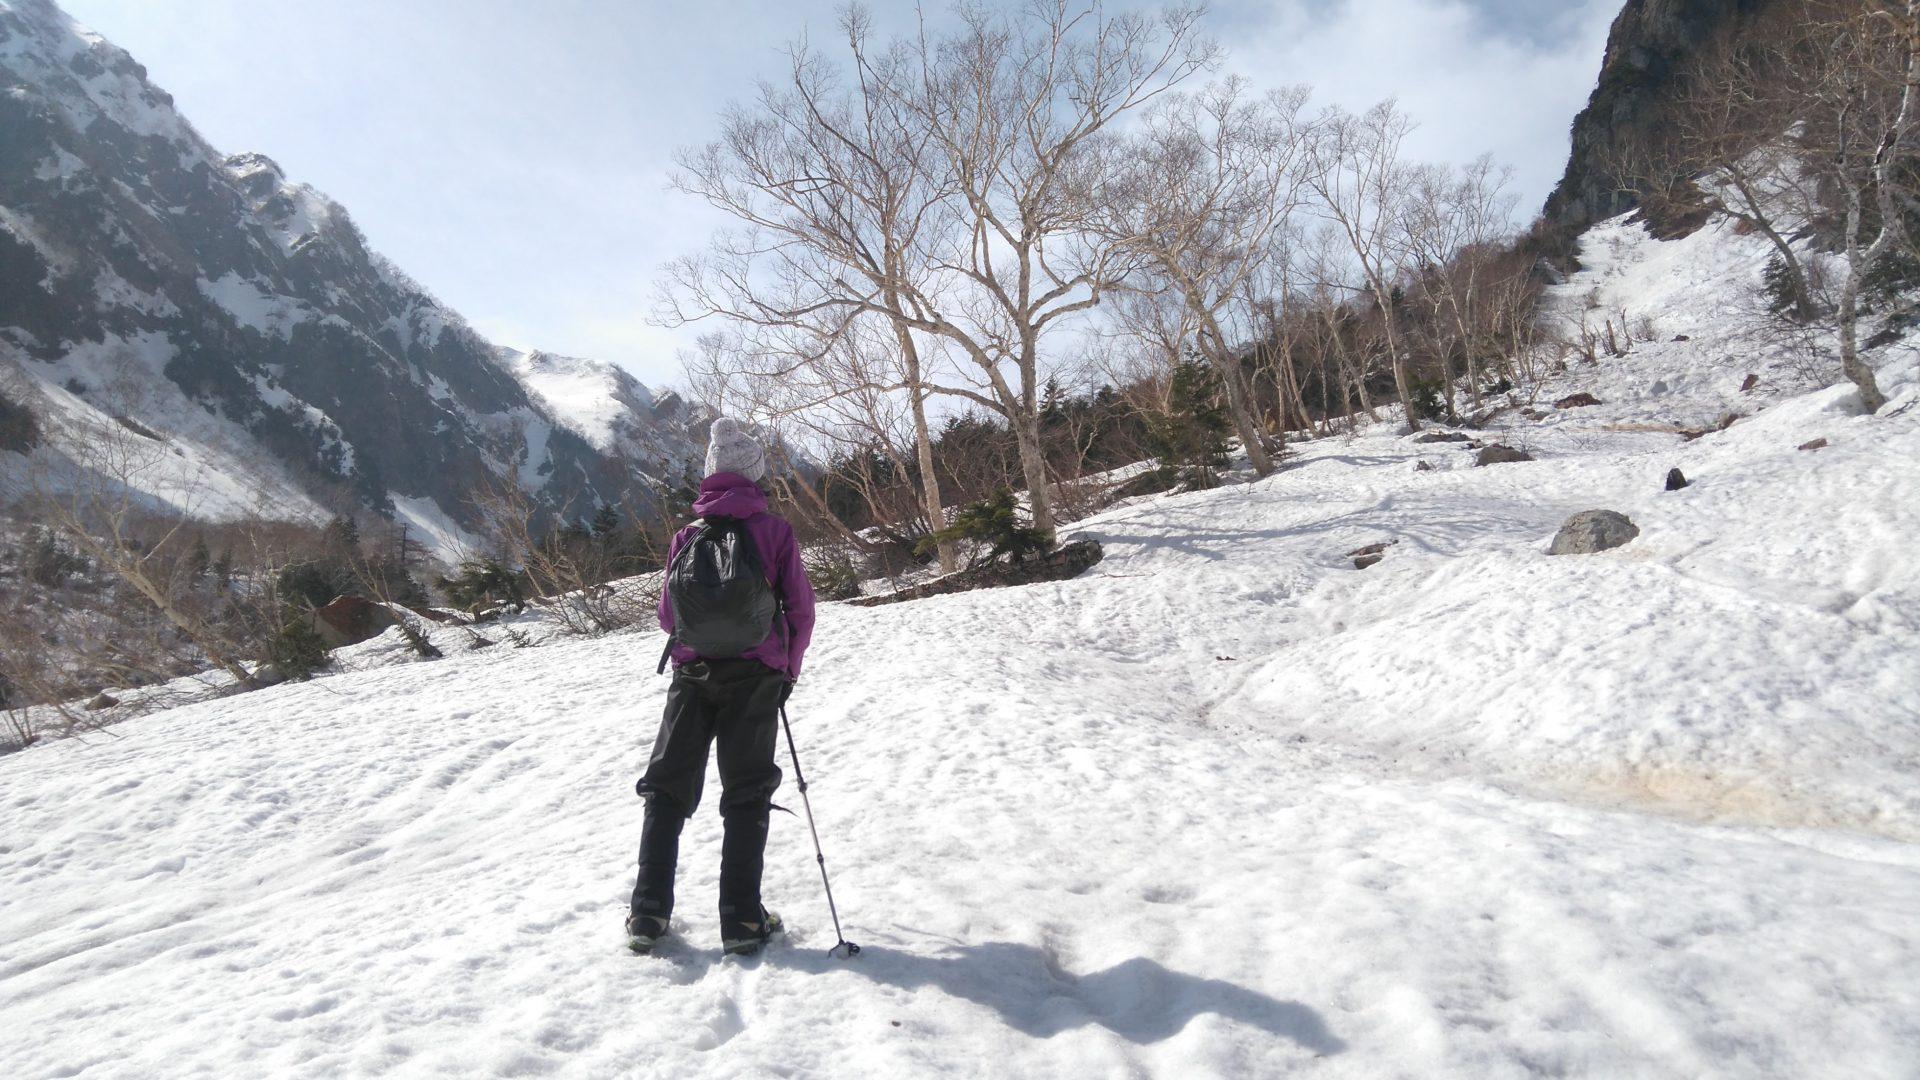 2019年2020年の雪山登山シーズン保存版|雪山登山装備を一覧にしてみました。パッキング前にもチェックしたい一覧表。